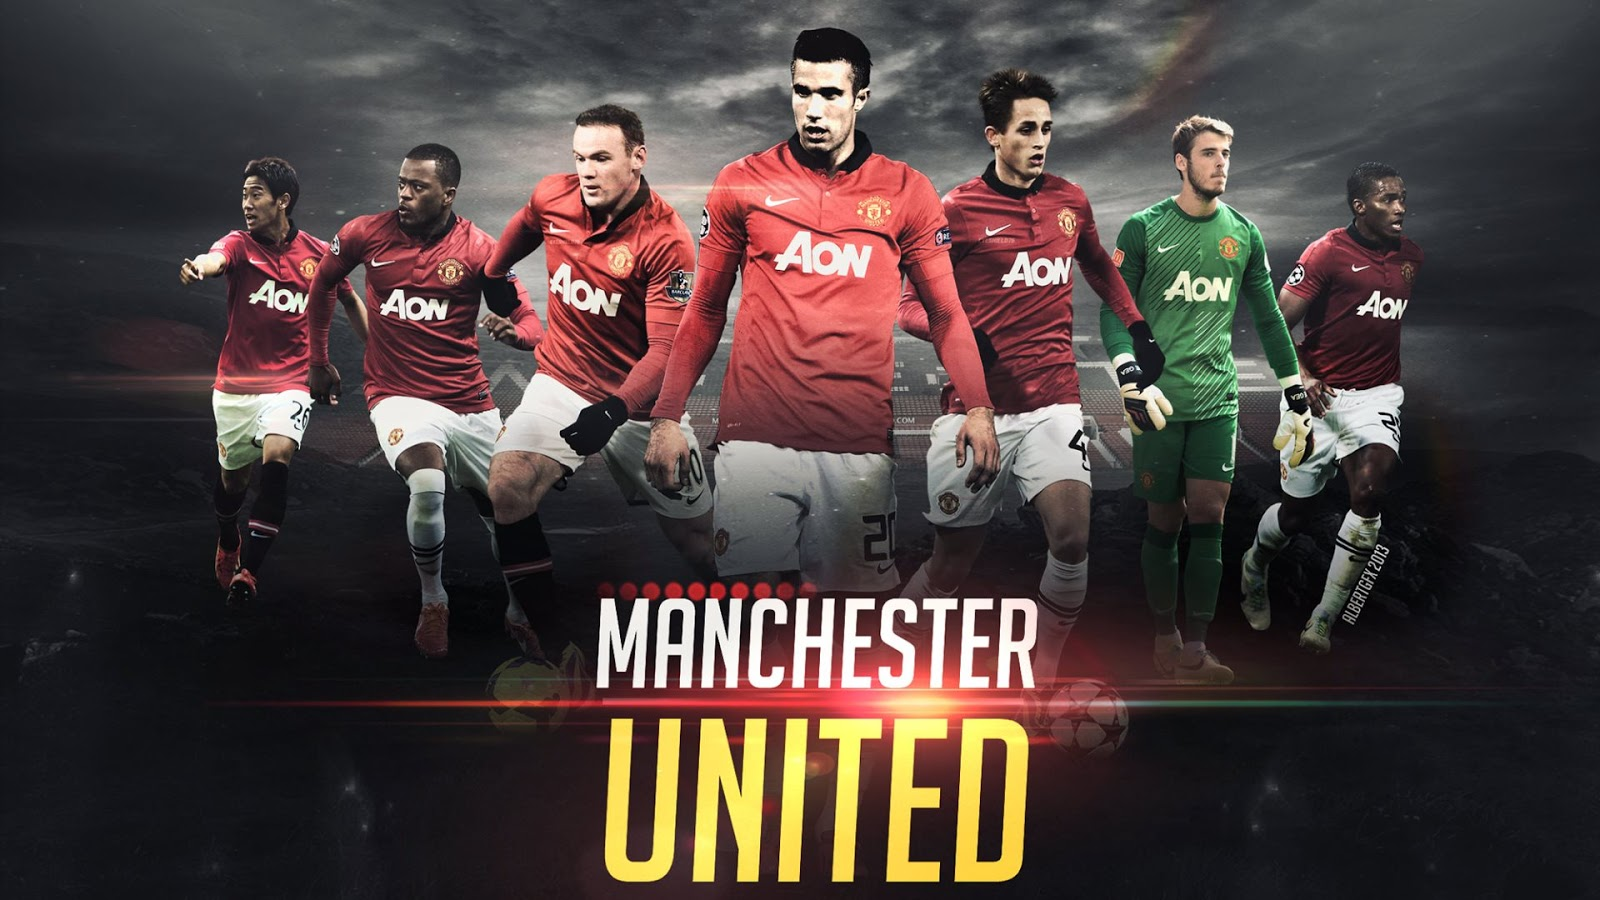 Us Soccer 2015 Wallpaper - WallpaperSafari